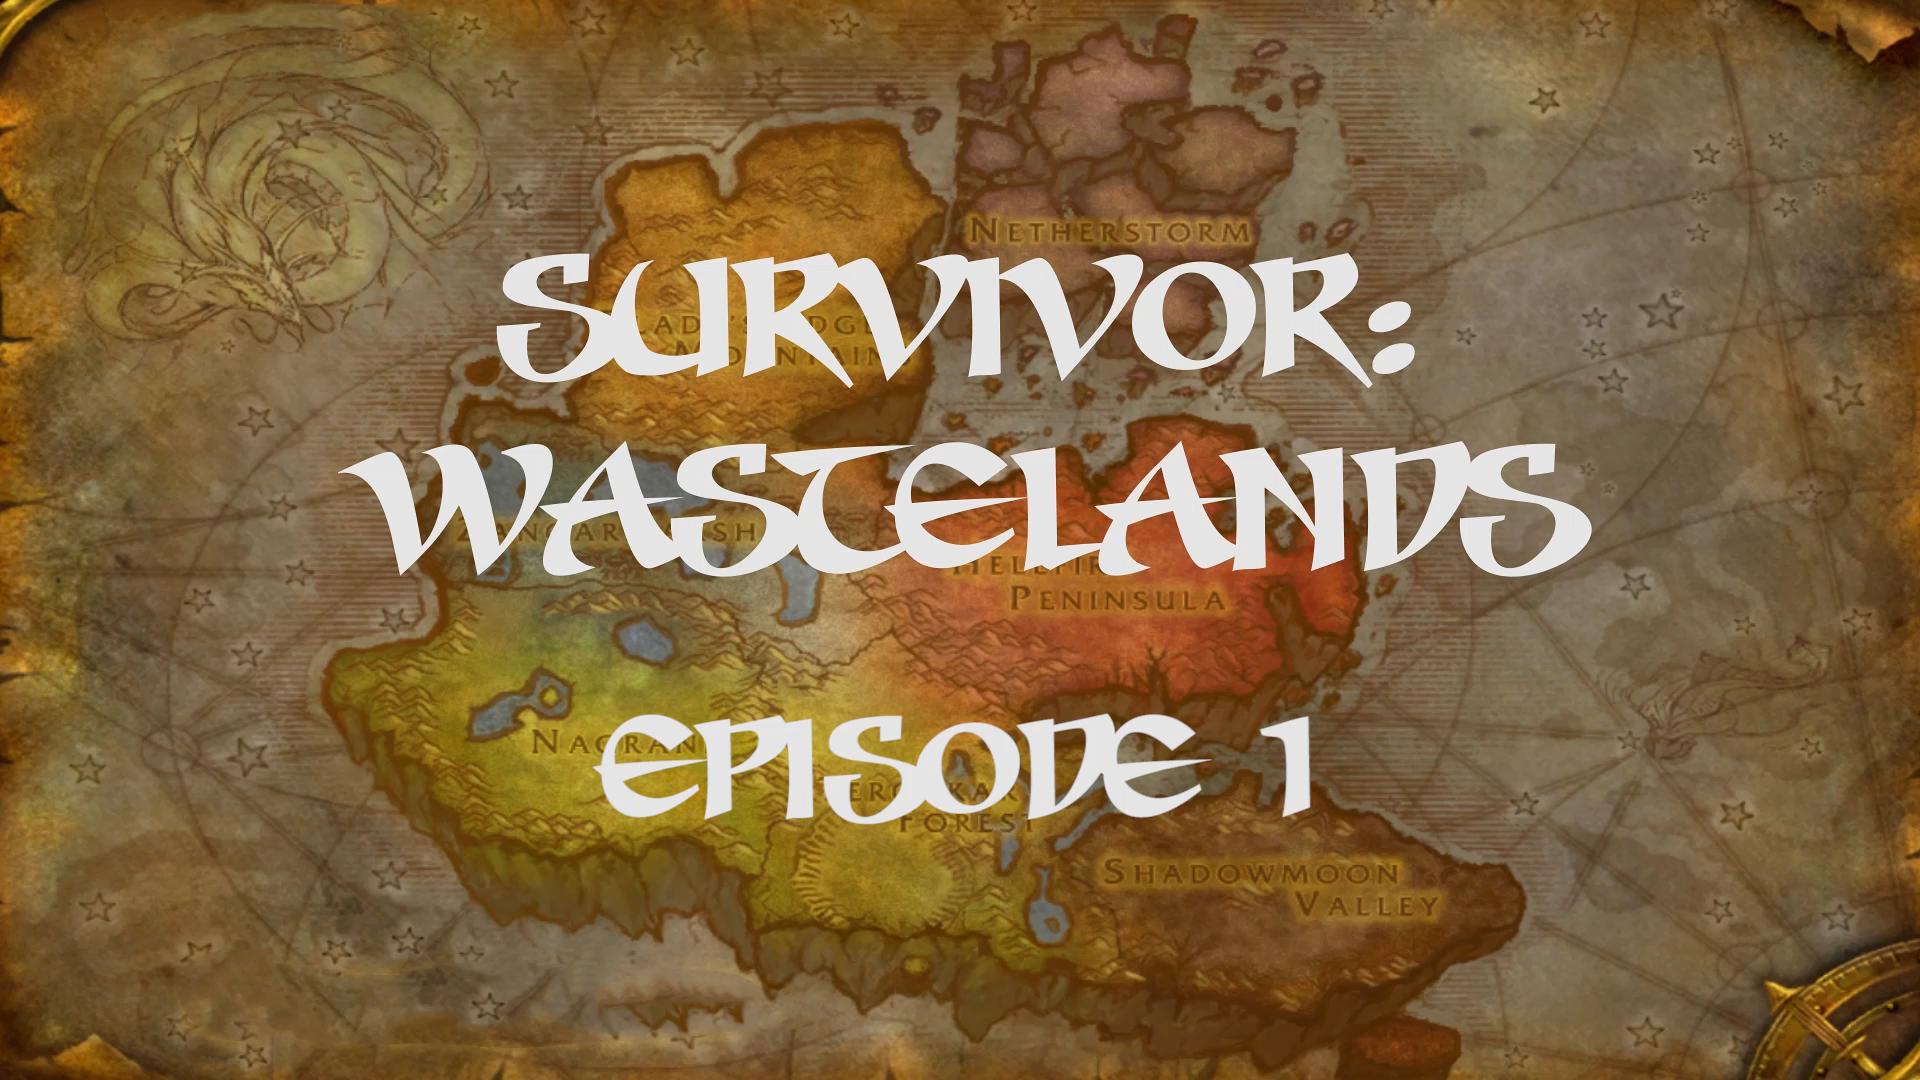 Survivor Wastelands Episode 1.jpg